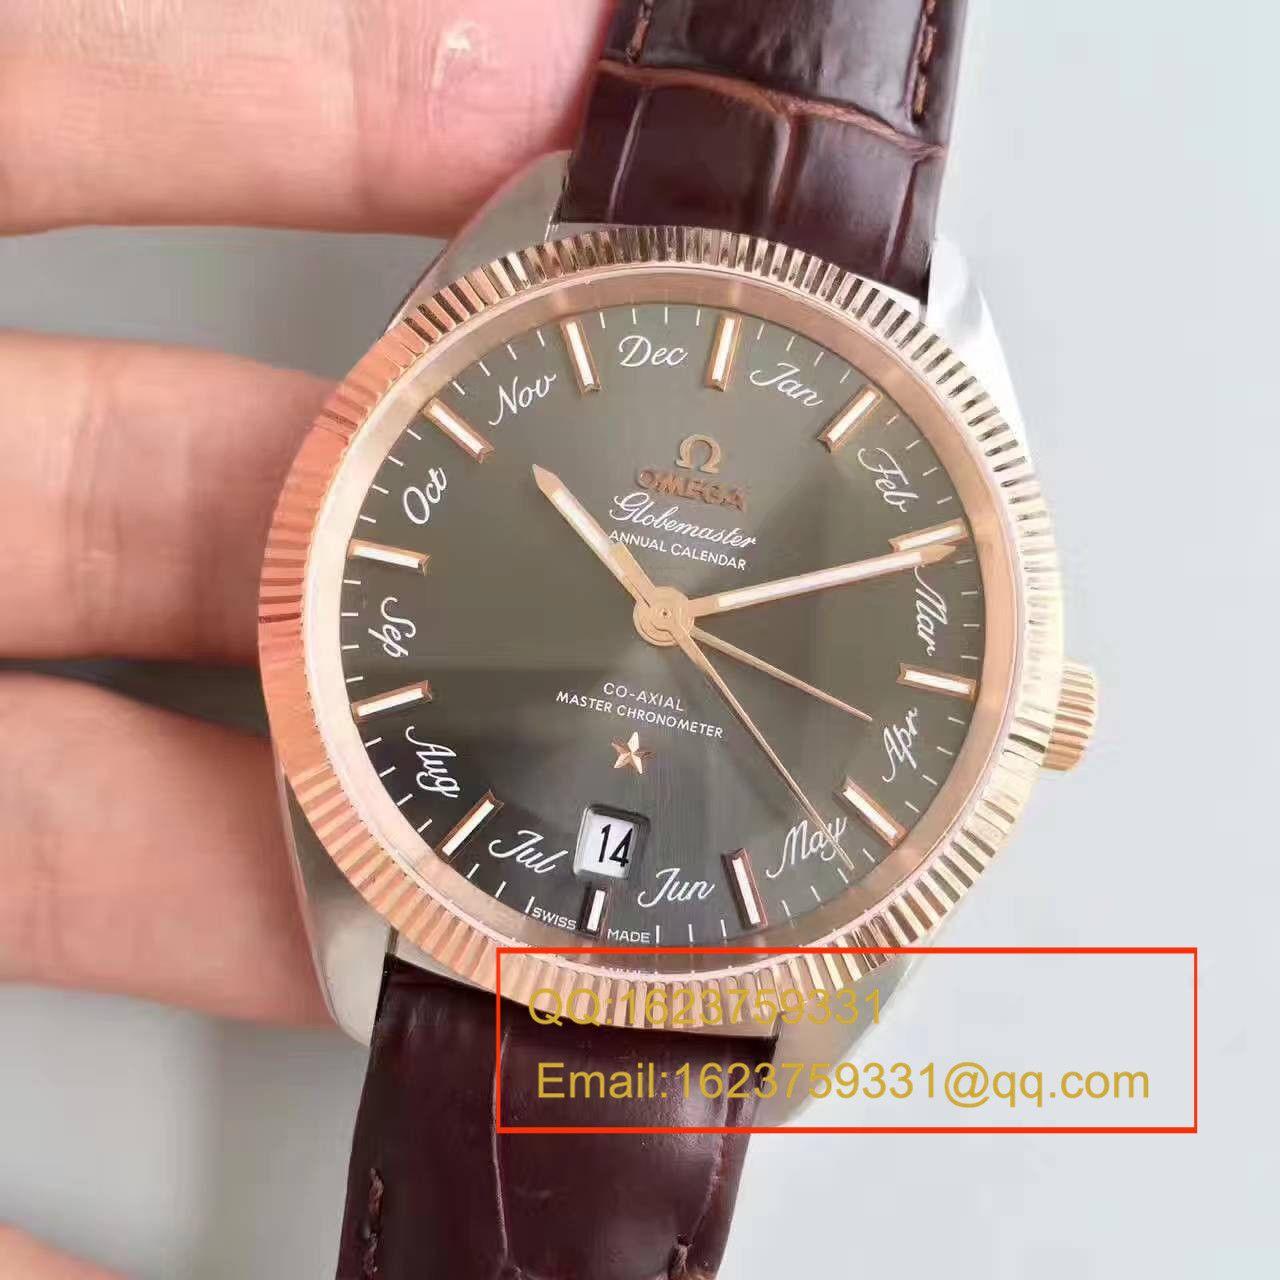 【OF厂一比一超A高仿手表】欧米茄星座系列130.23.41.22.06.001尊霸年历腕表 / MBA295